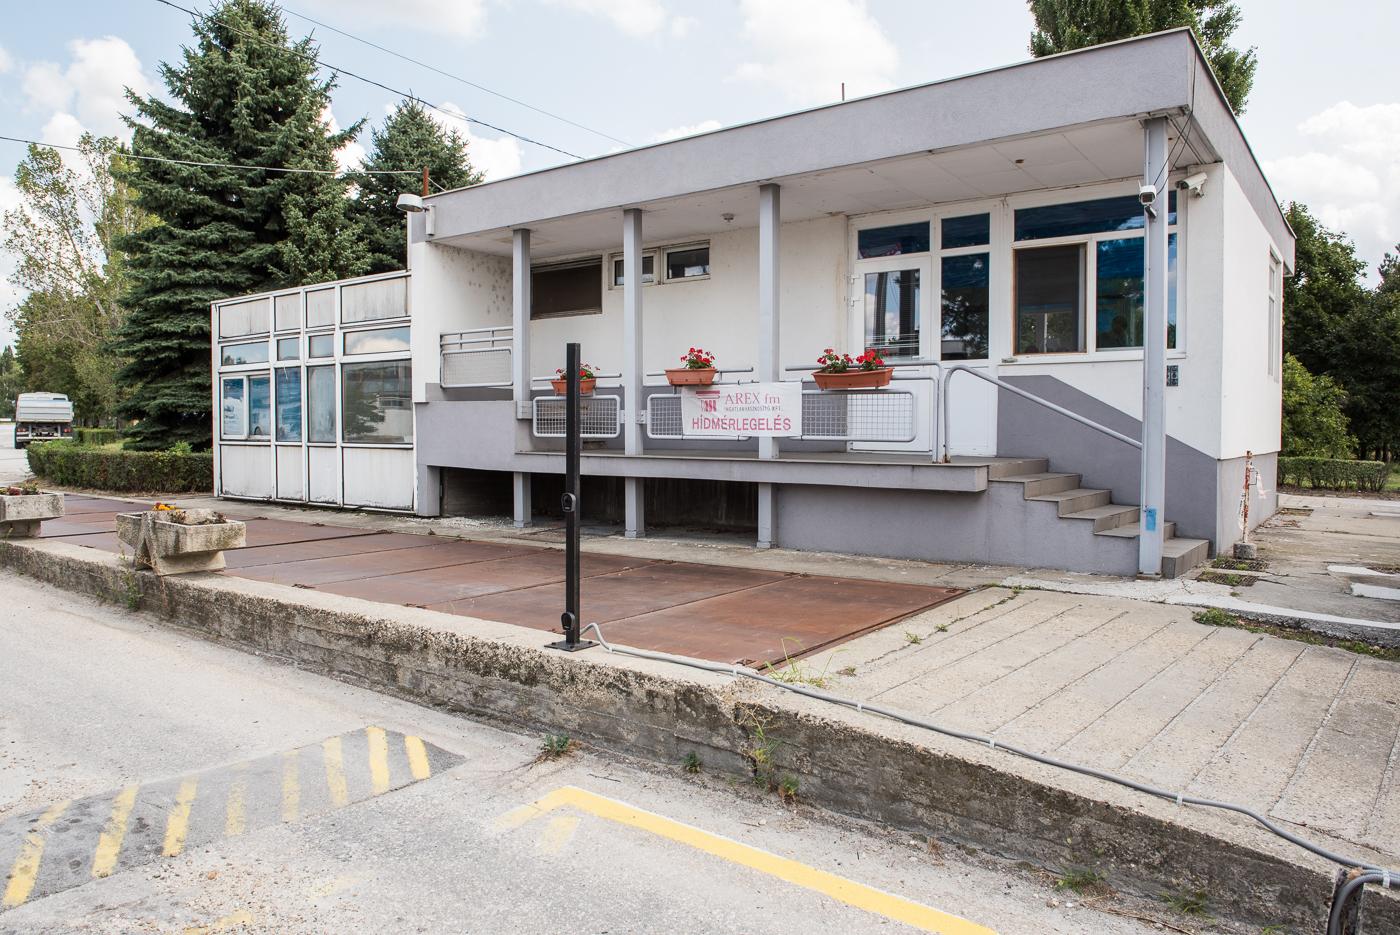 8000 Székesfehérvár, Seregélyesi út 98-114. kiadó raktár